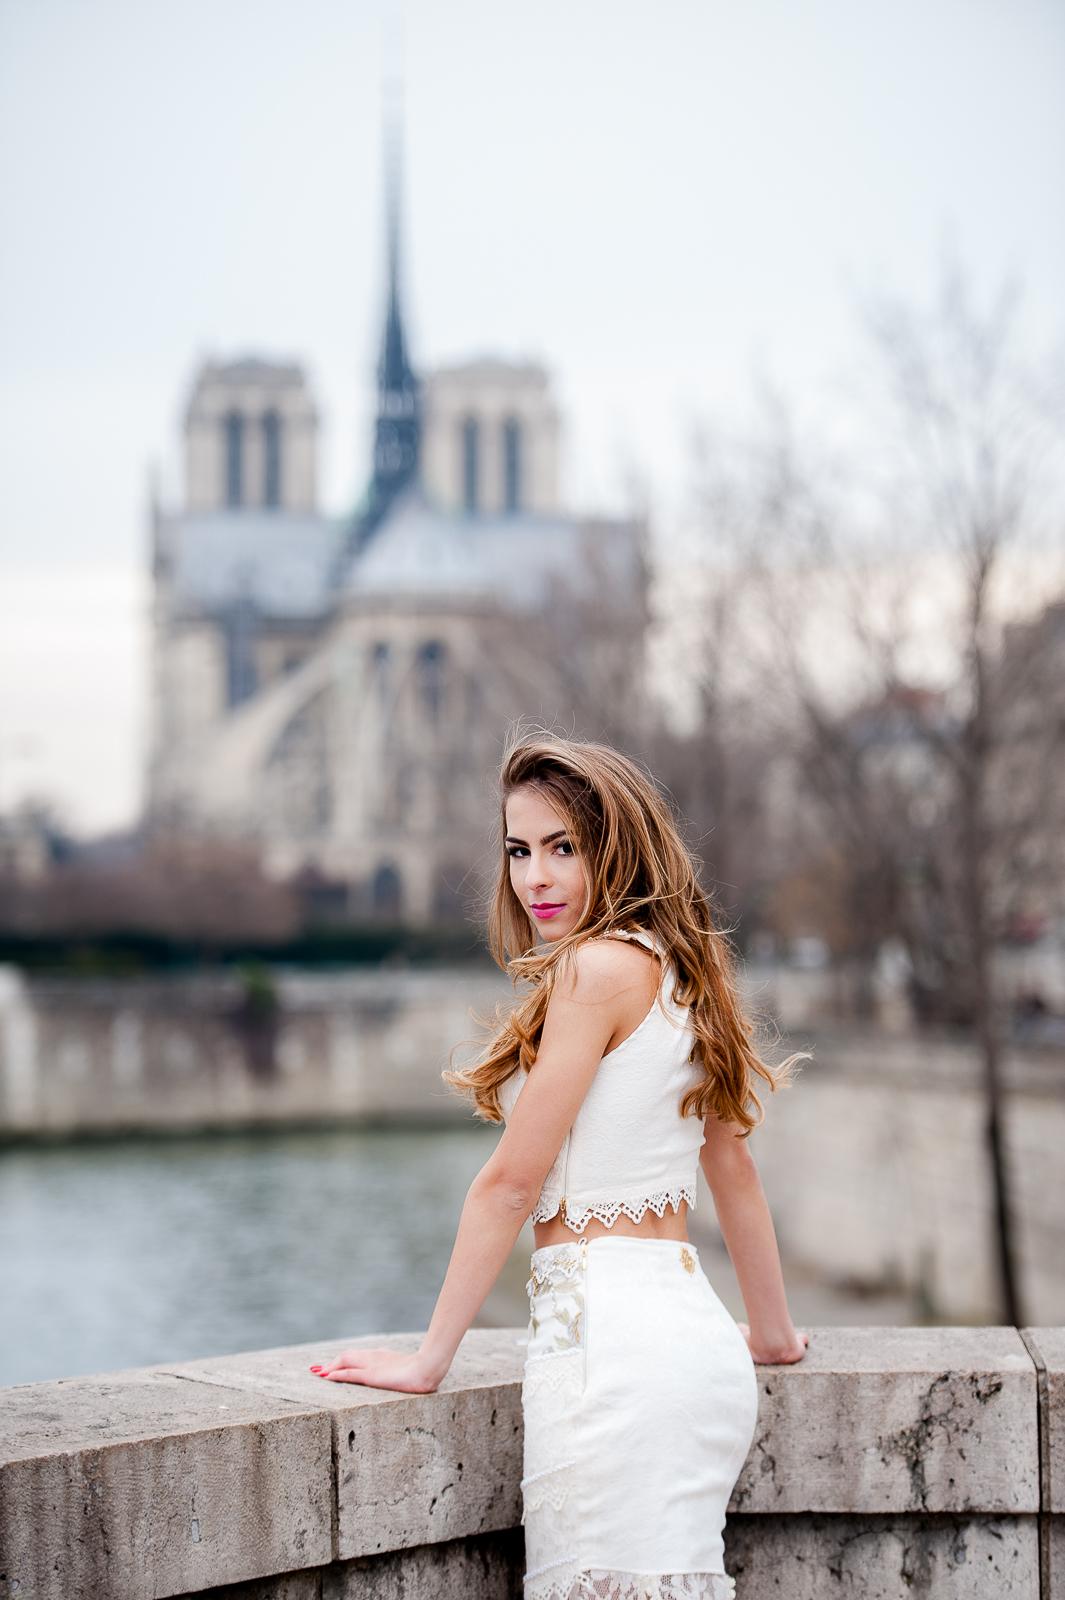 15-anos-carol-em-paris-0272